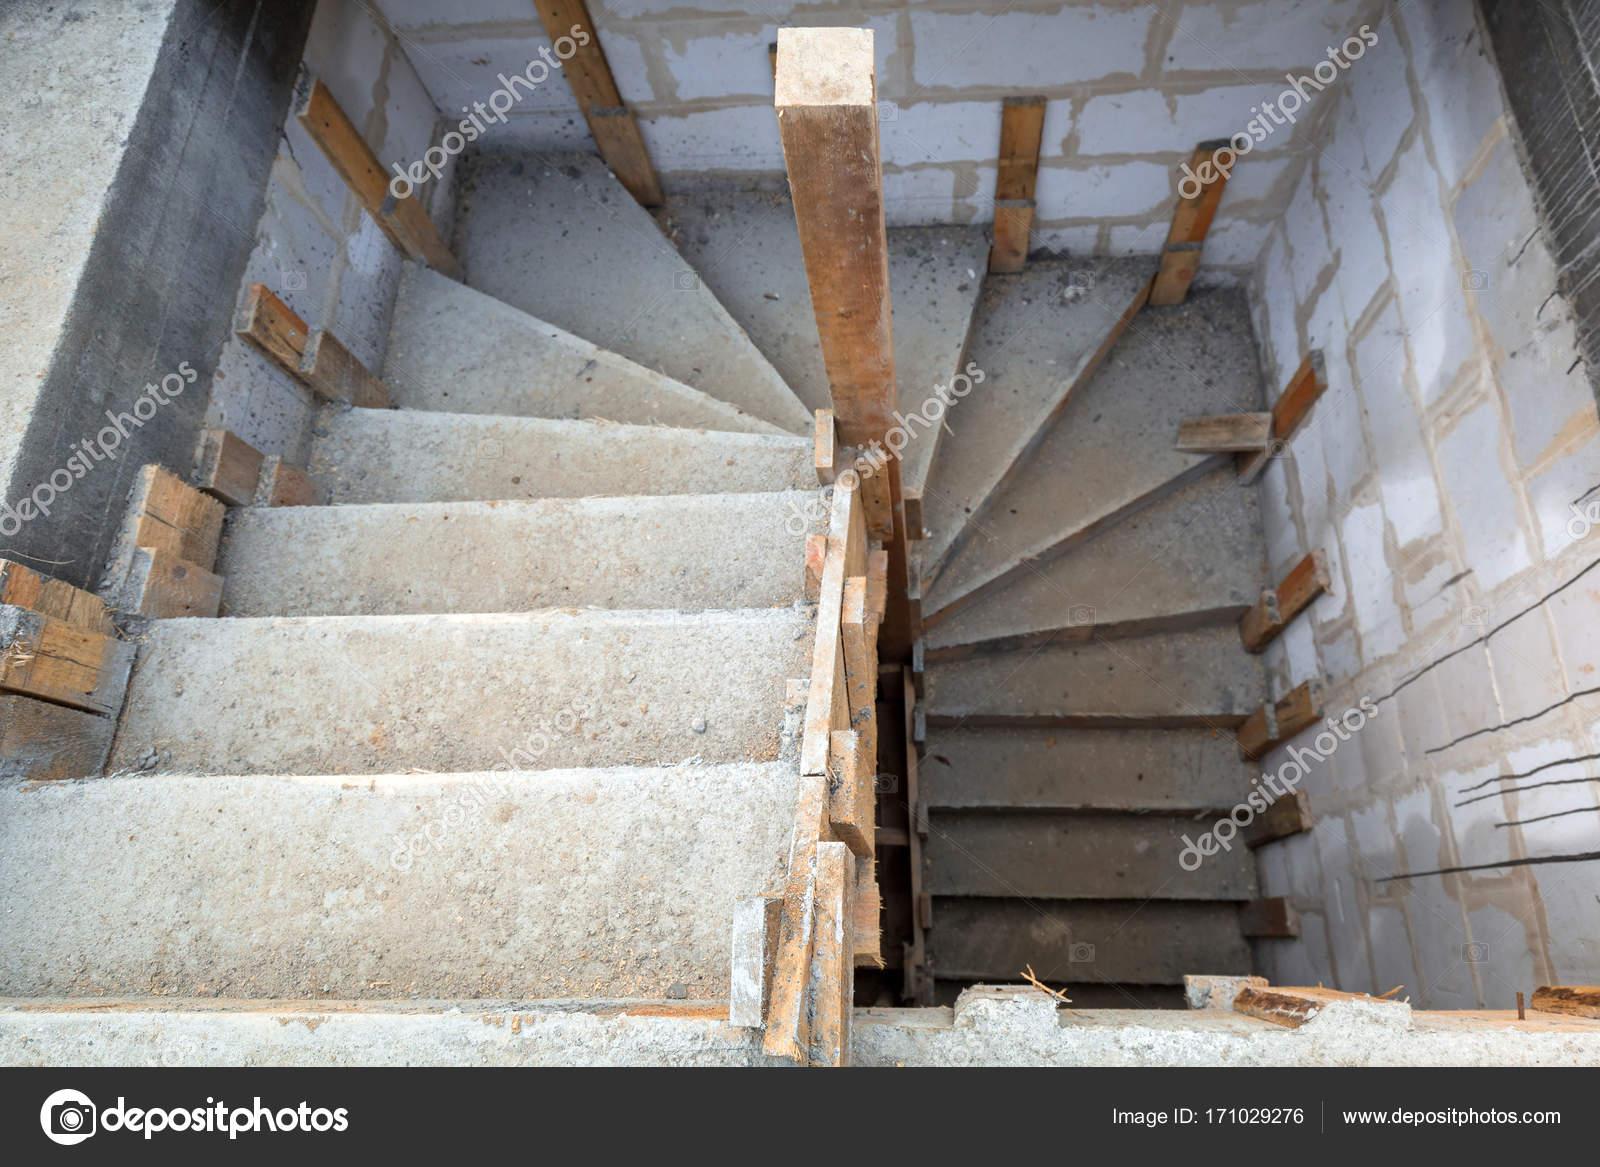 Im genes construcci n de escaleras construcci n en for Formas de escaleras de concreto